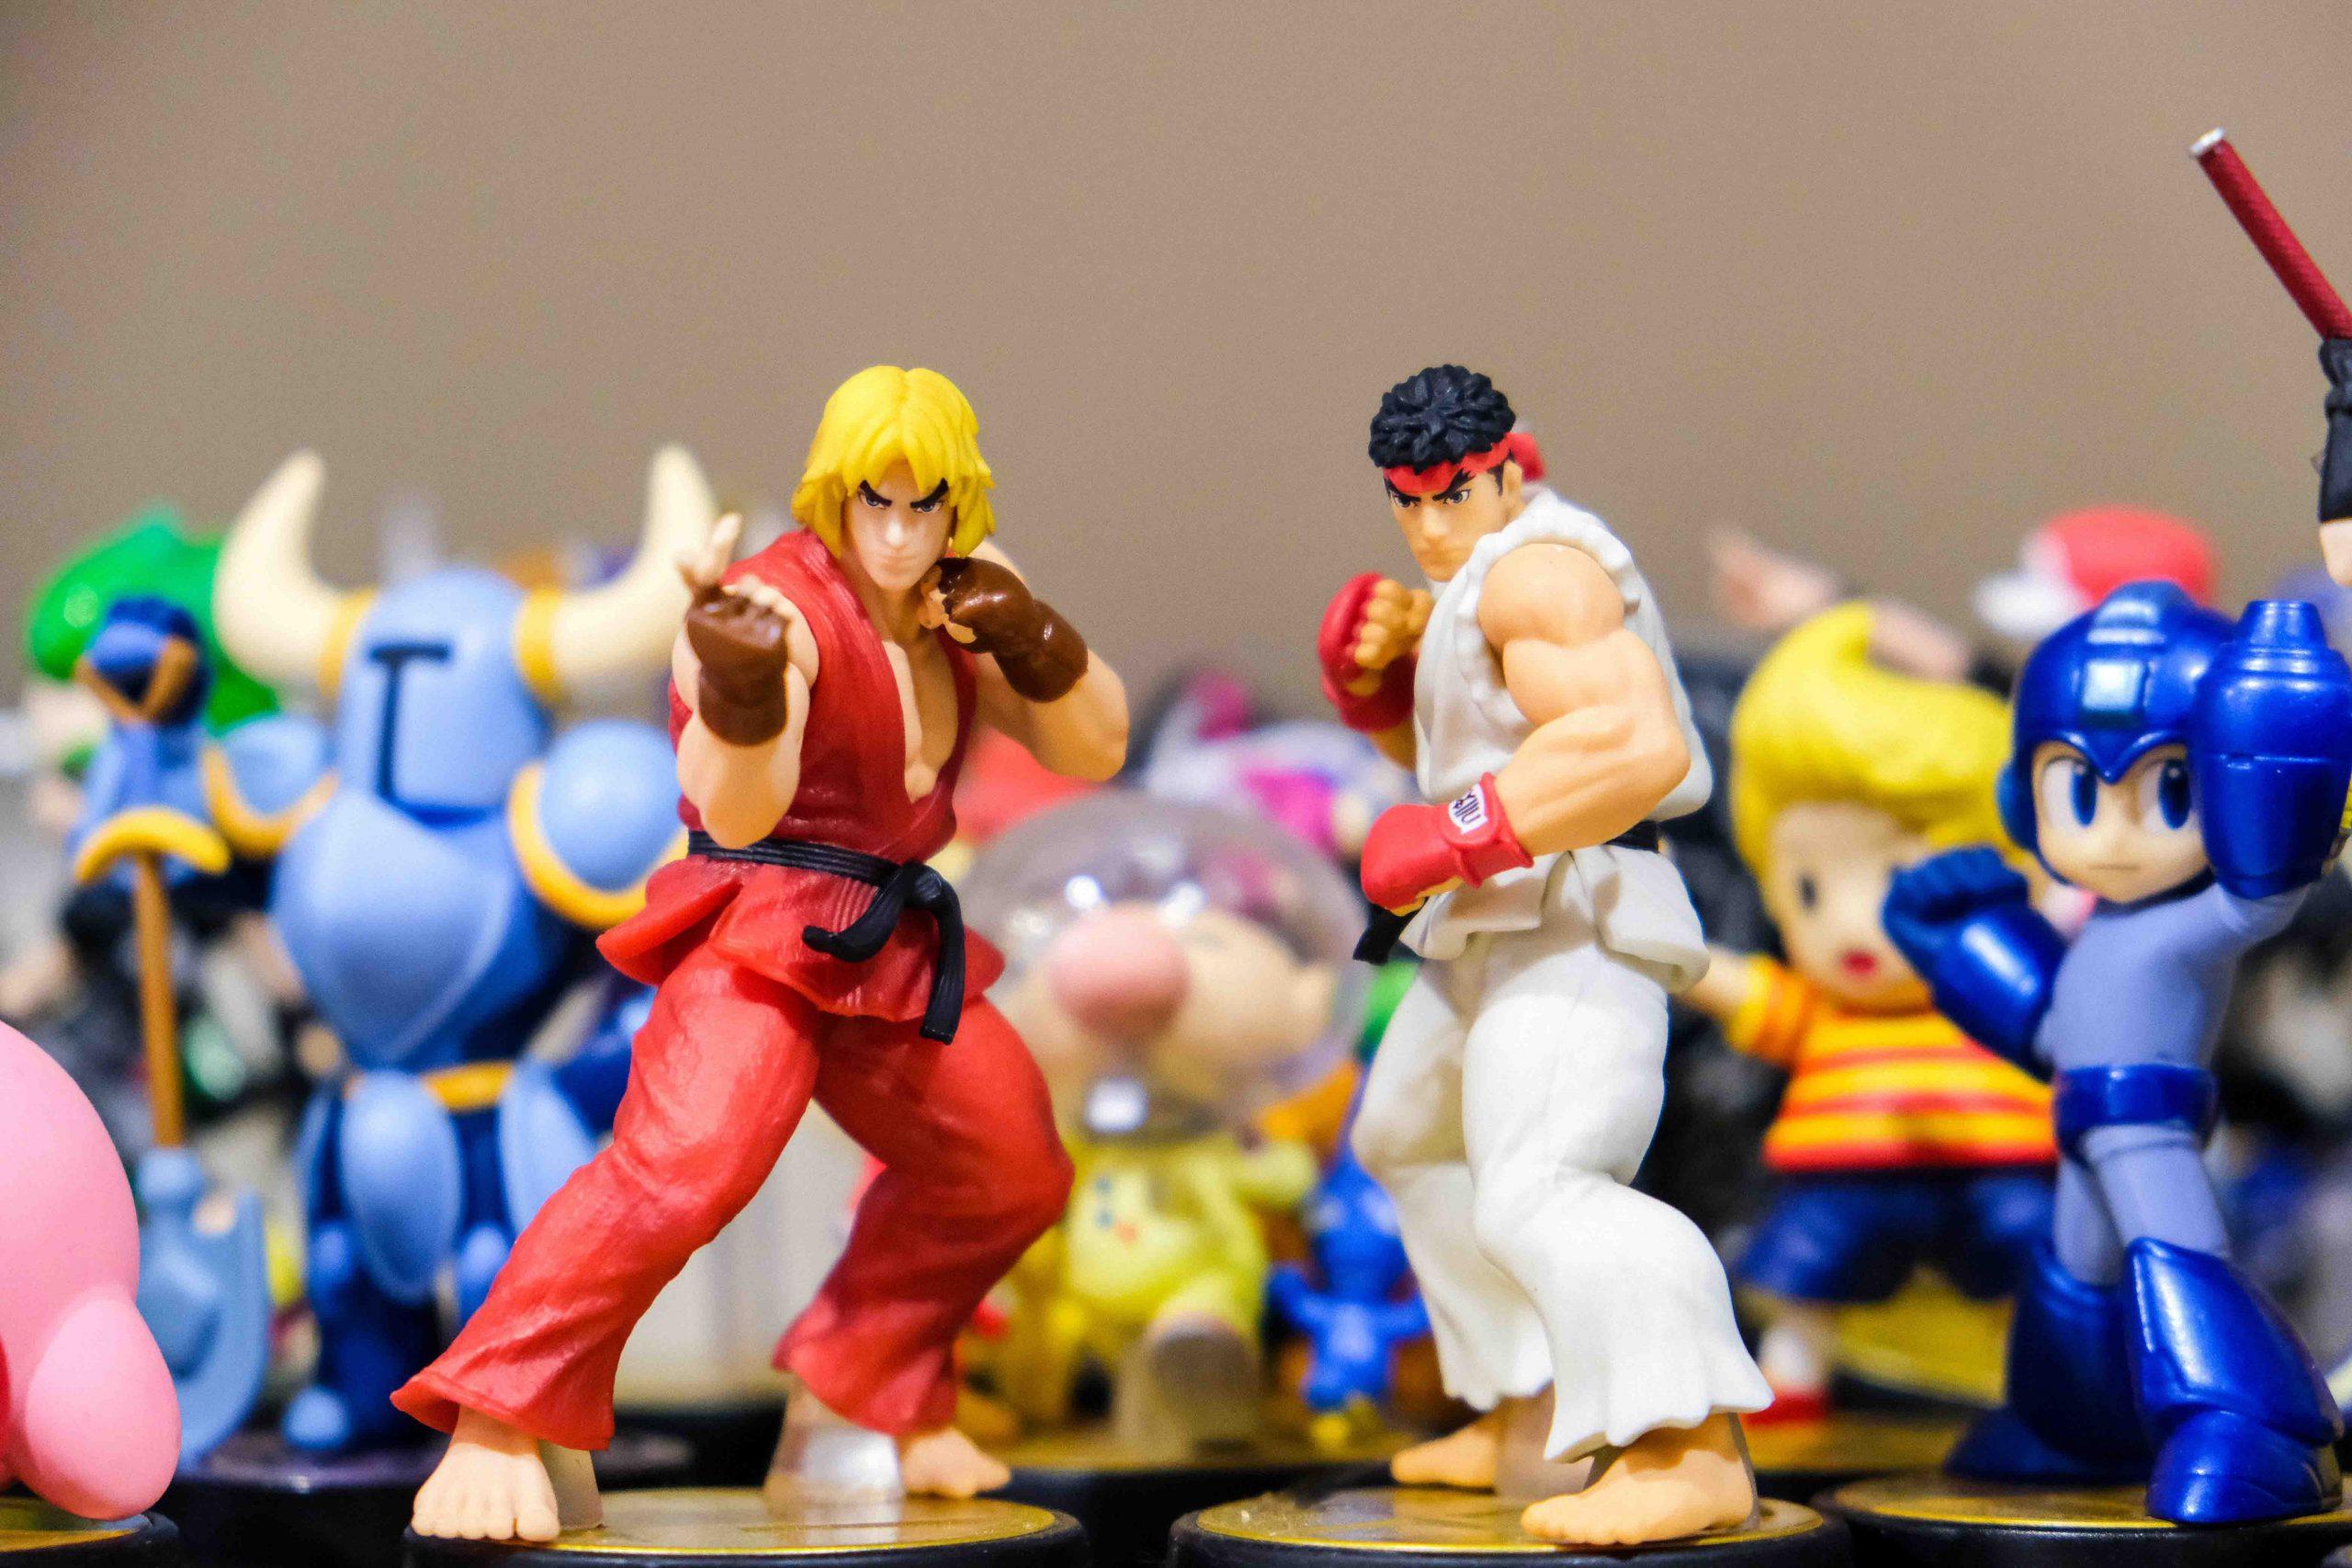 Les jeux de combat : difficiles ou pas ?